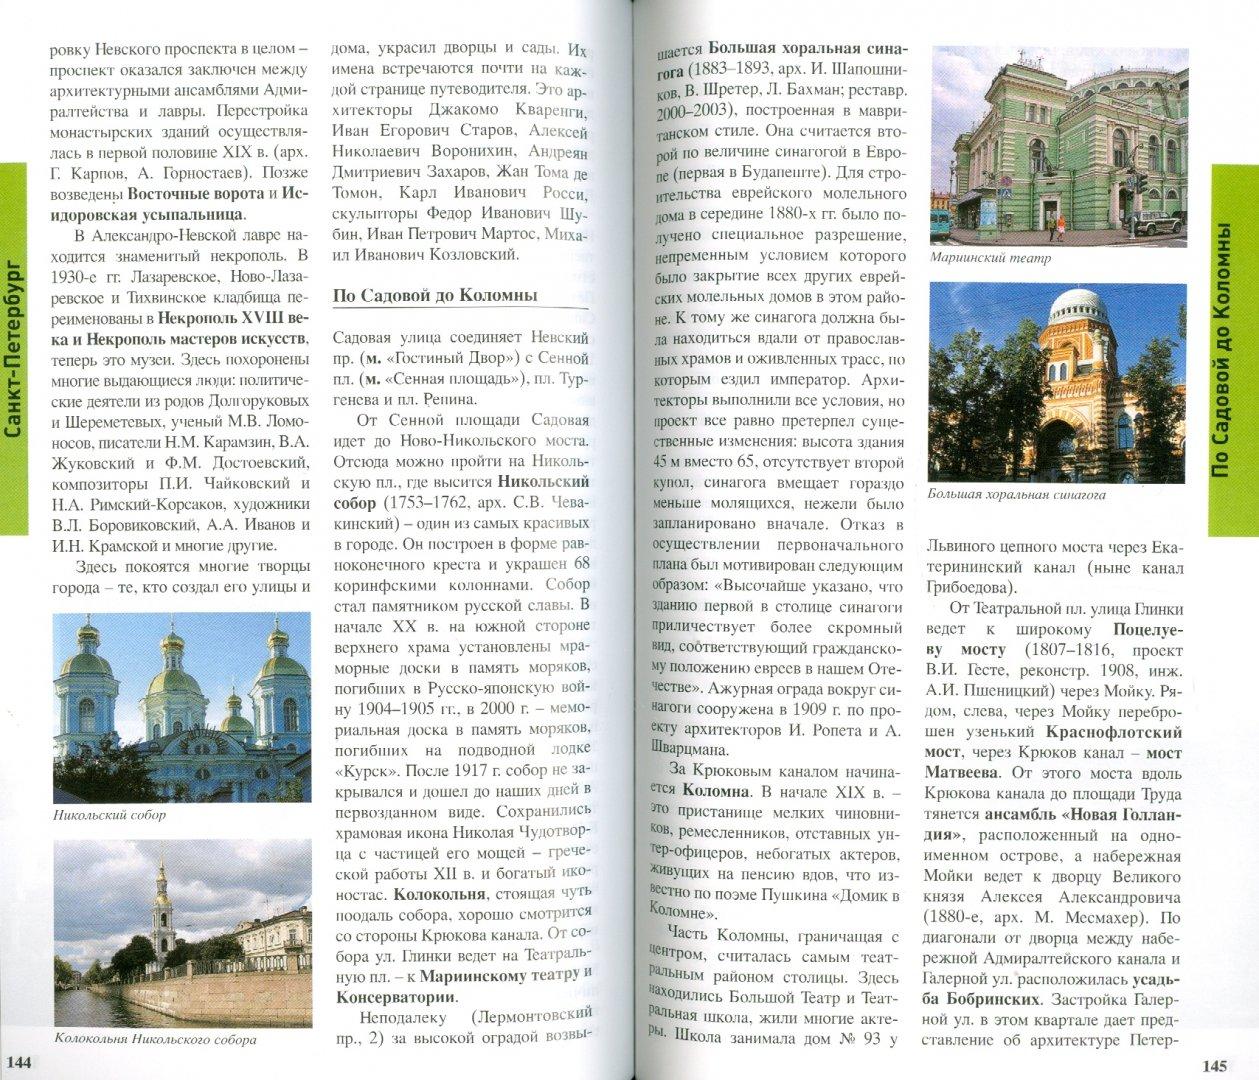 Иллюстрация 1 из 23 для Санкт-Петербург и пригороды, 7-е издание - Грачева, Ларионова   Лабиринт - книги. Источник: Лабиринт